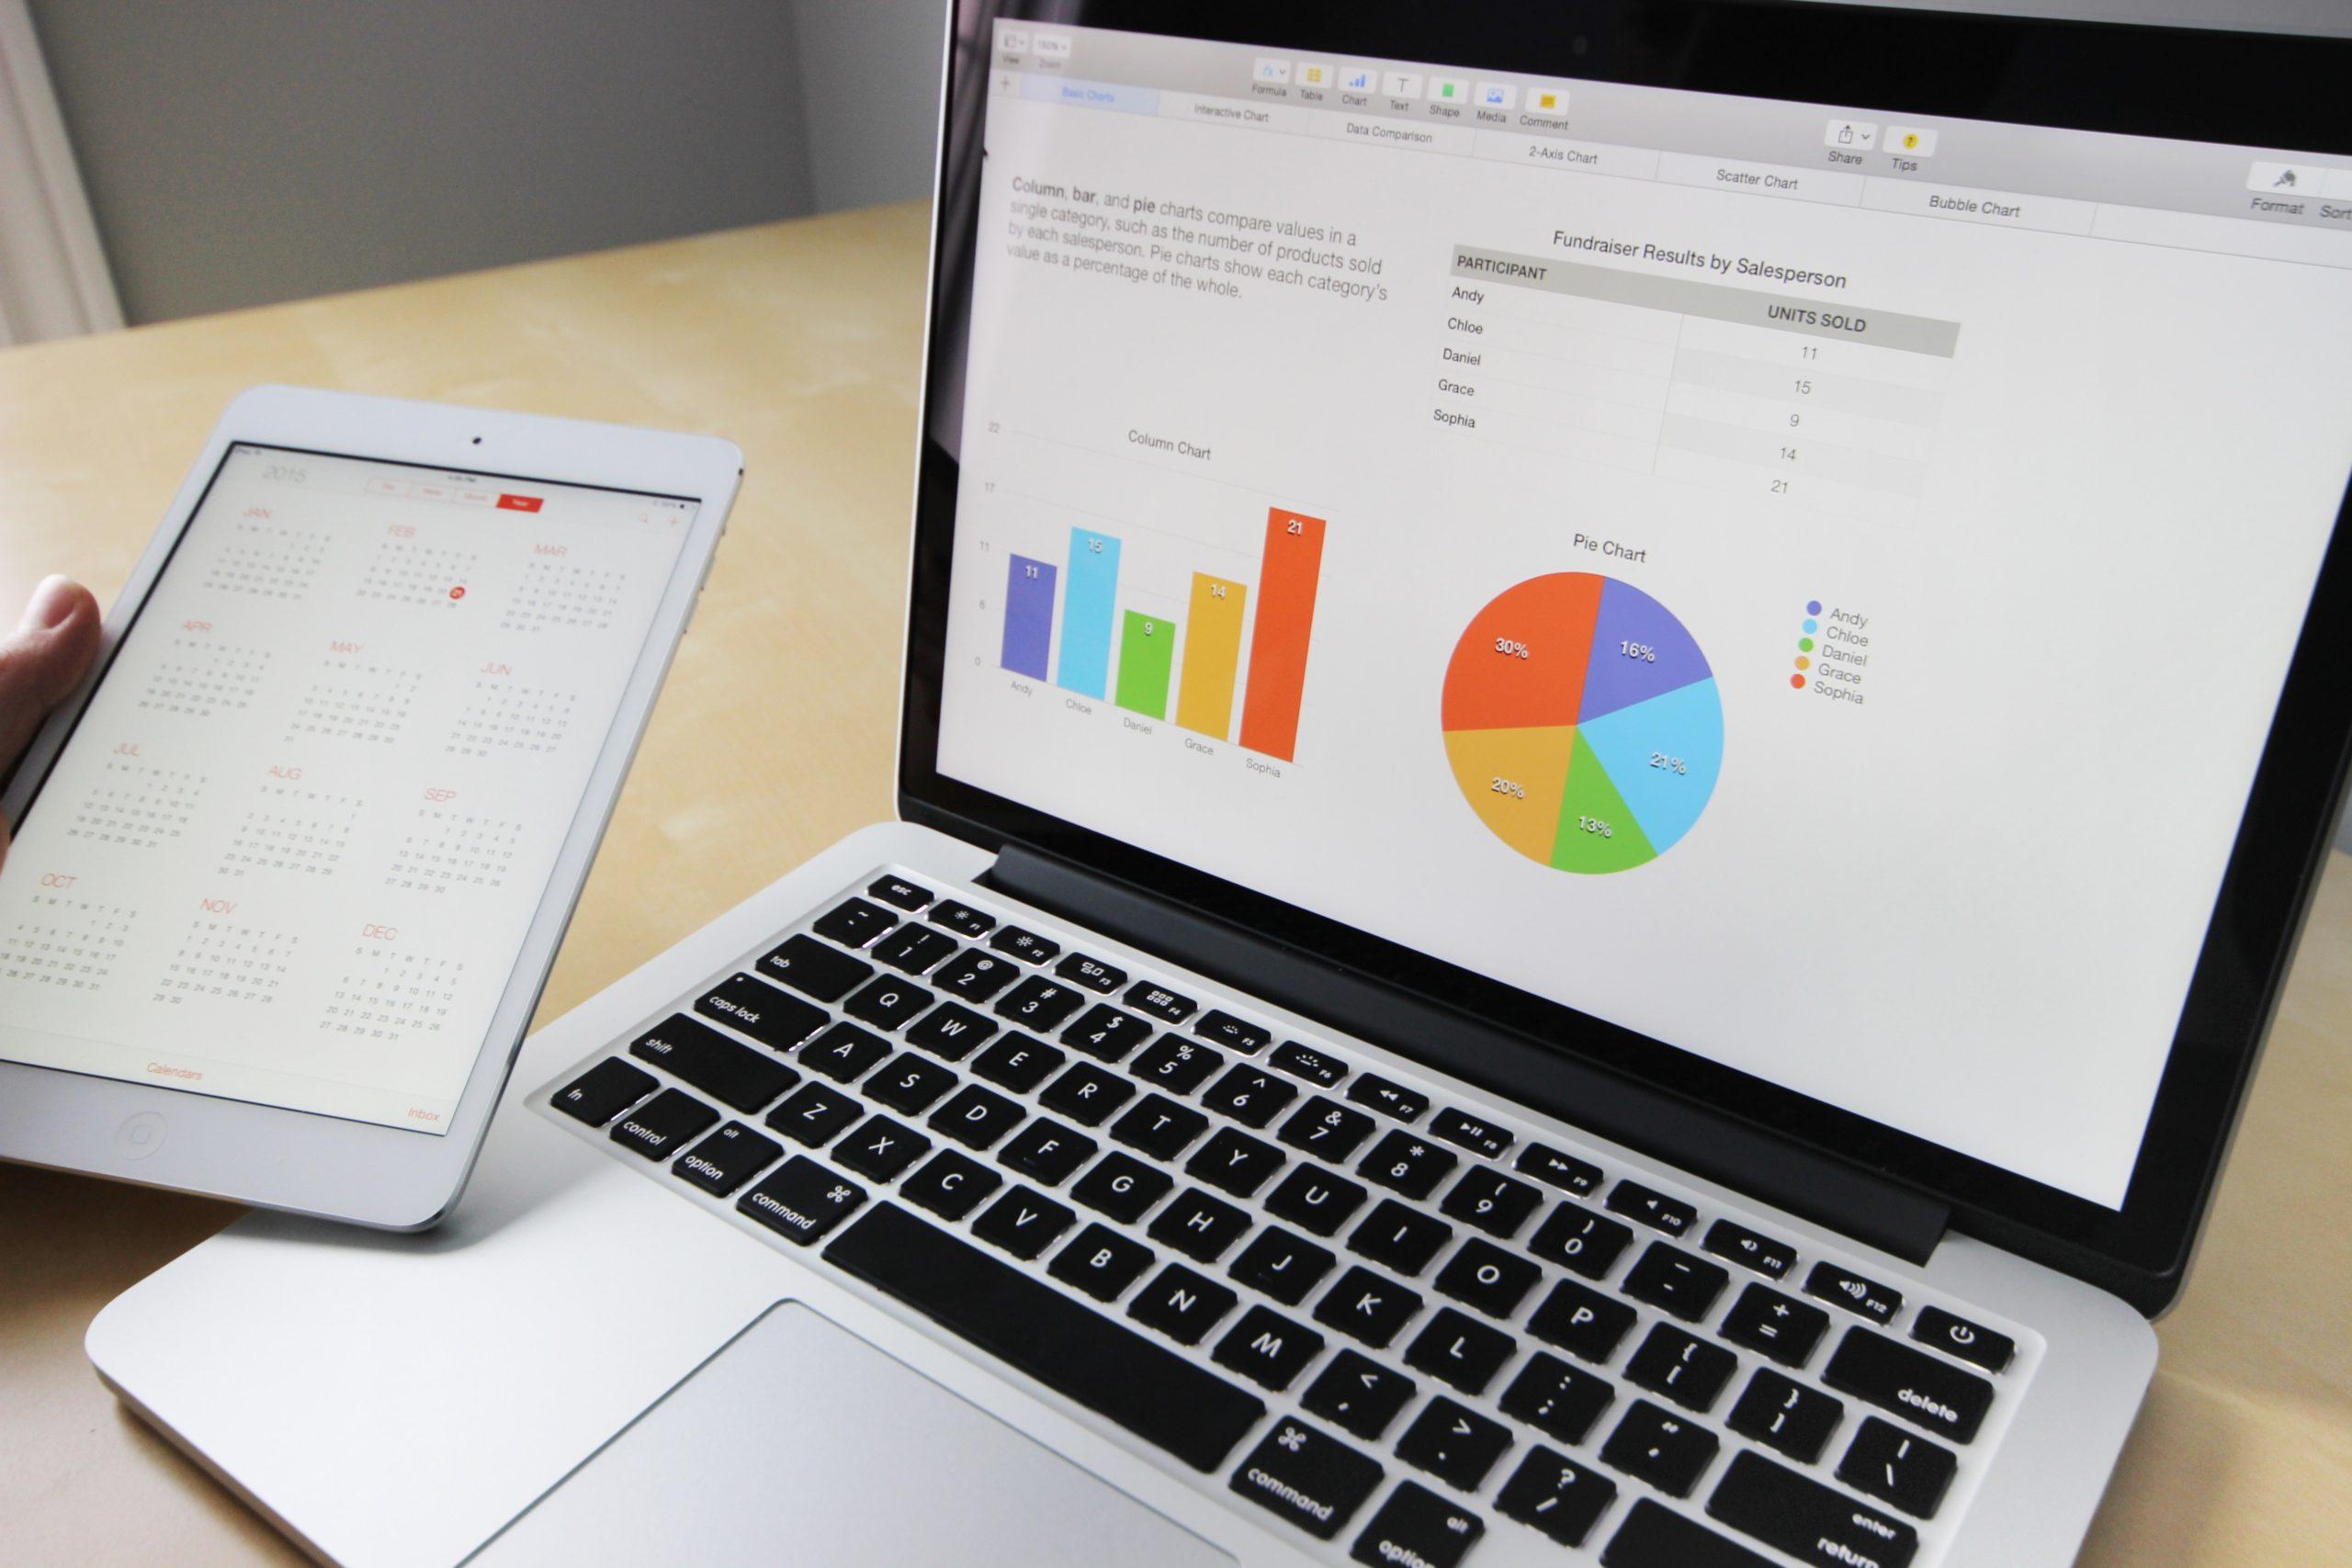 Graph-Google-utilisation-internet-pour-digital4all-agence-digitale-authentique-spécialisee-dans-les-projets-digitaux-pour-pme-tpe-et-independants